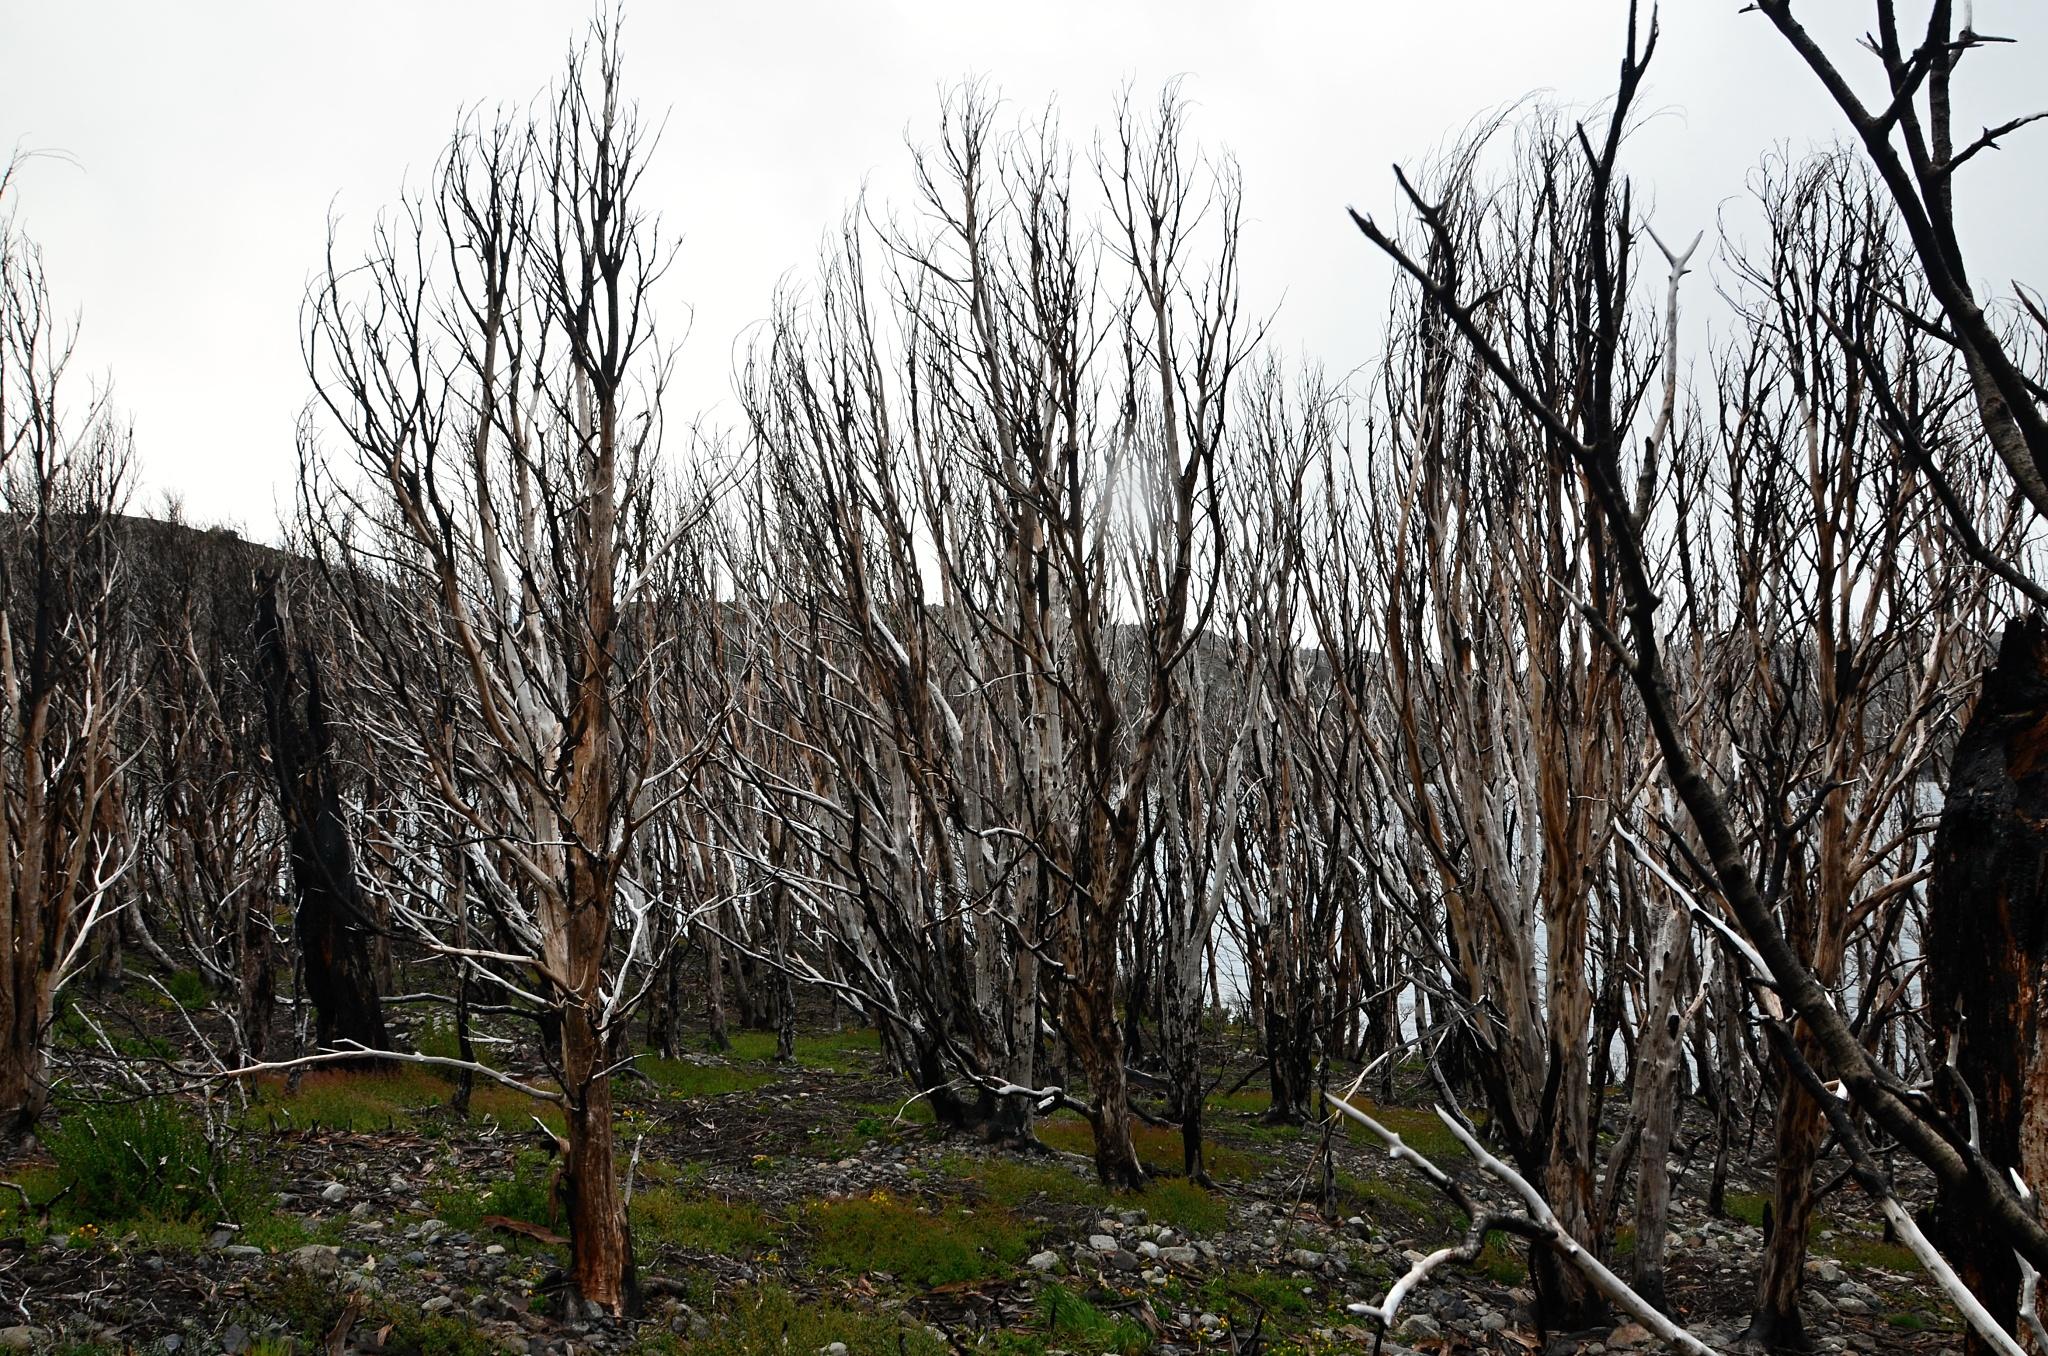 ...a kousek dál mrtvý, spálený les